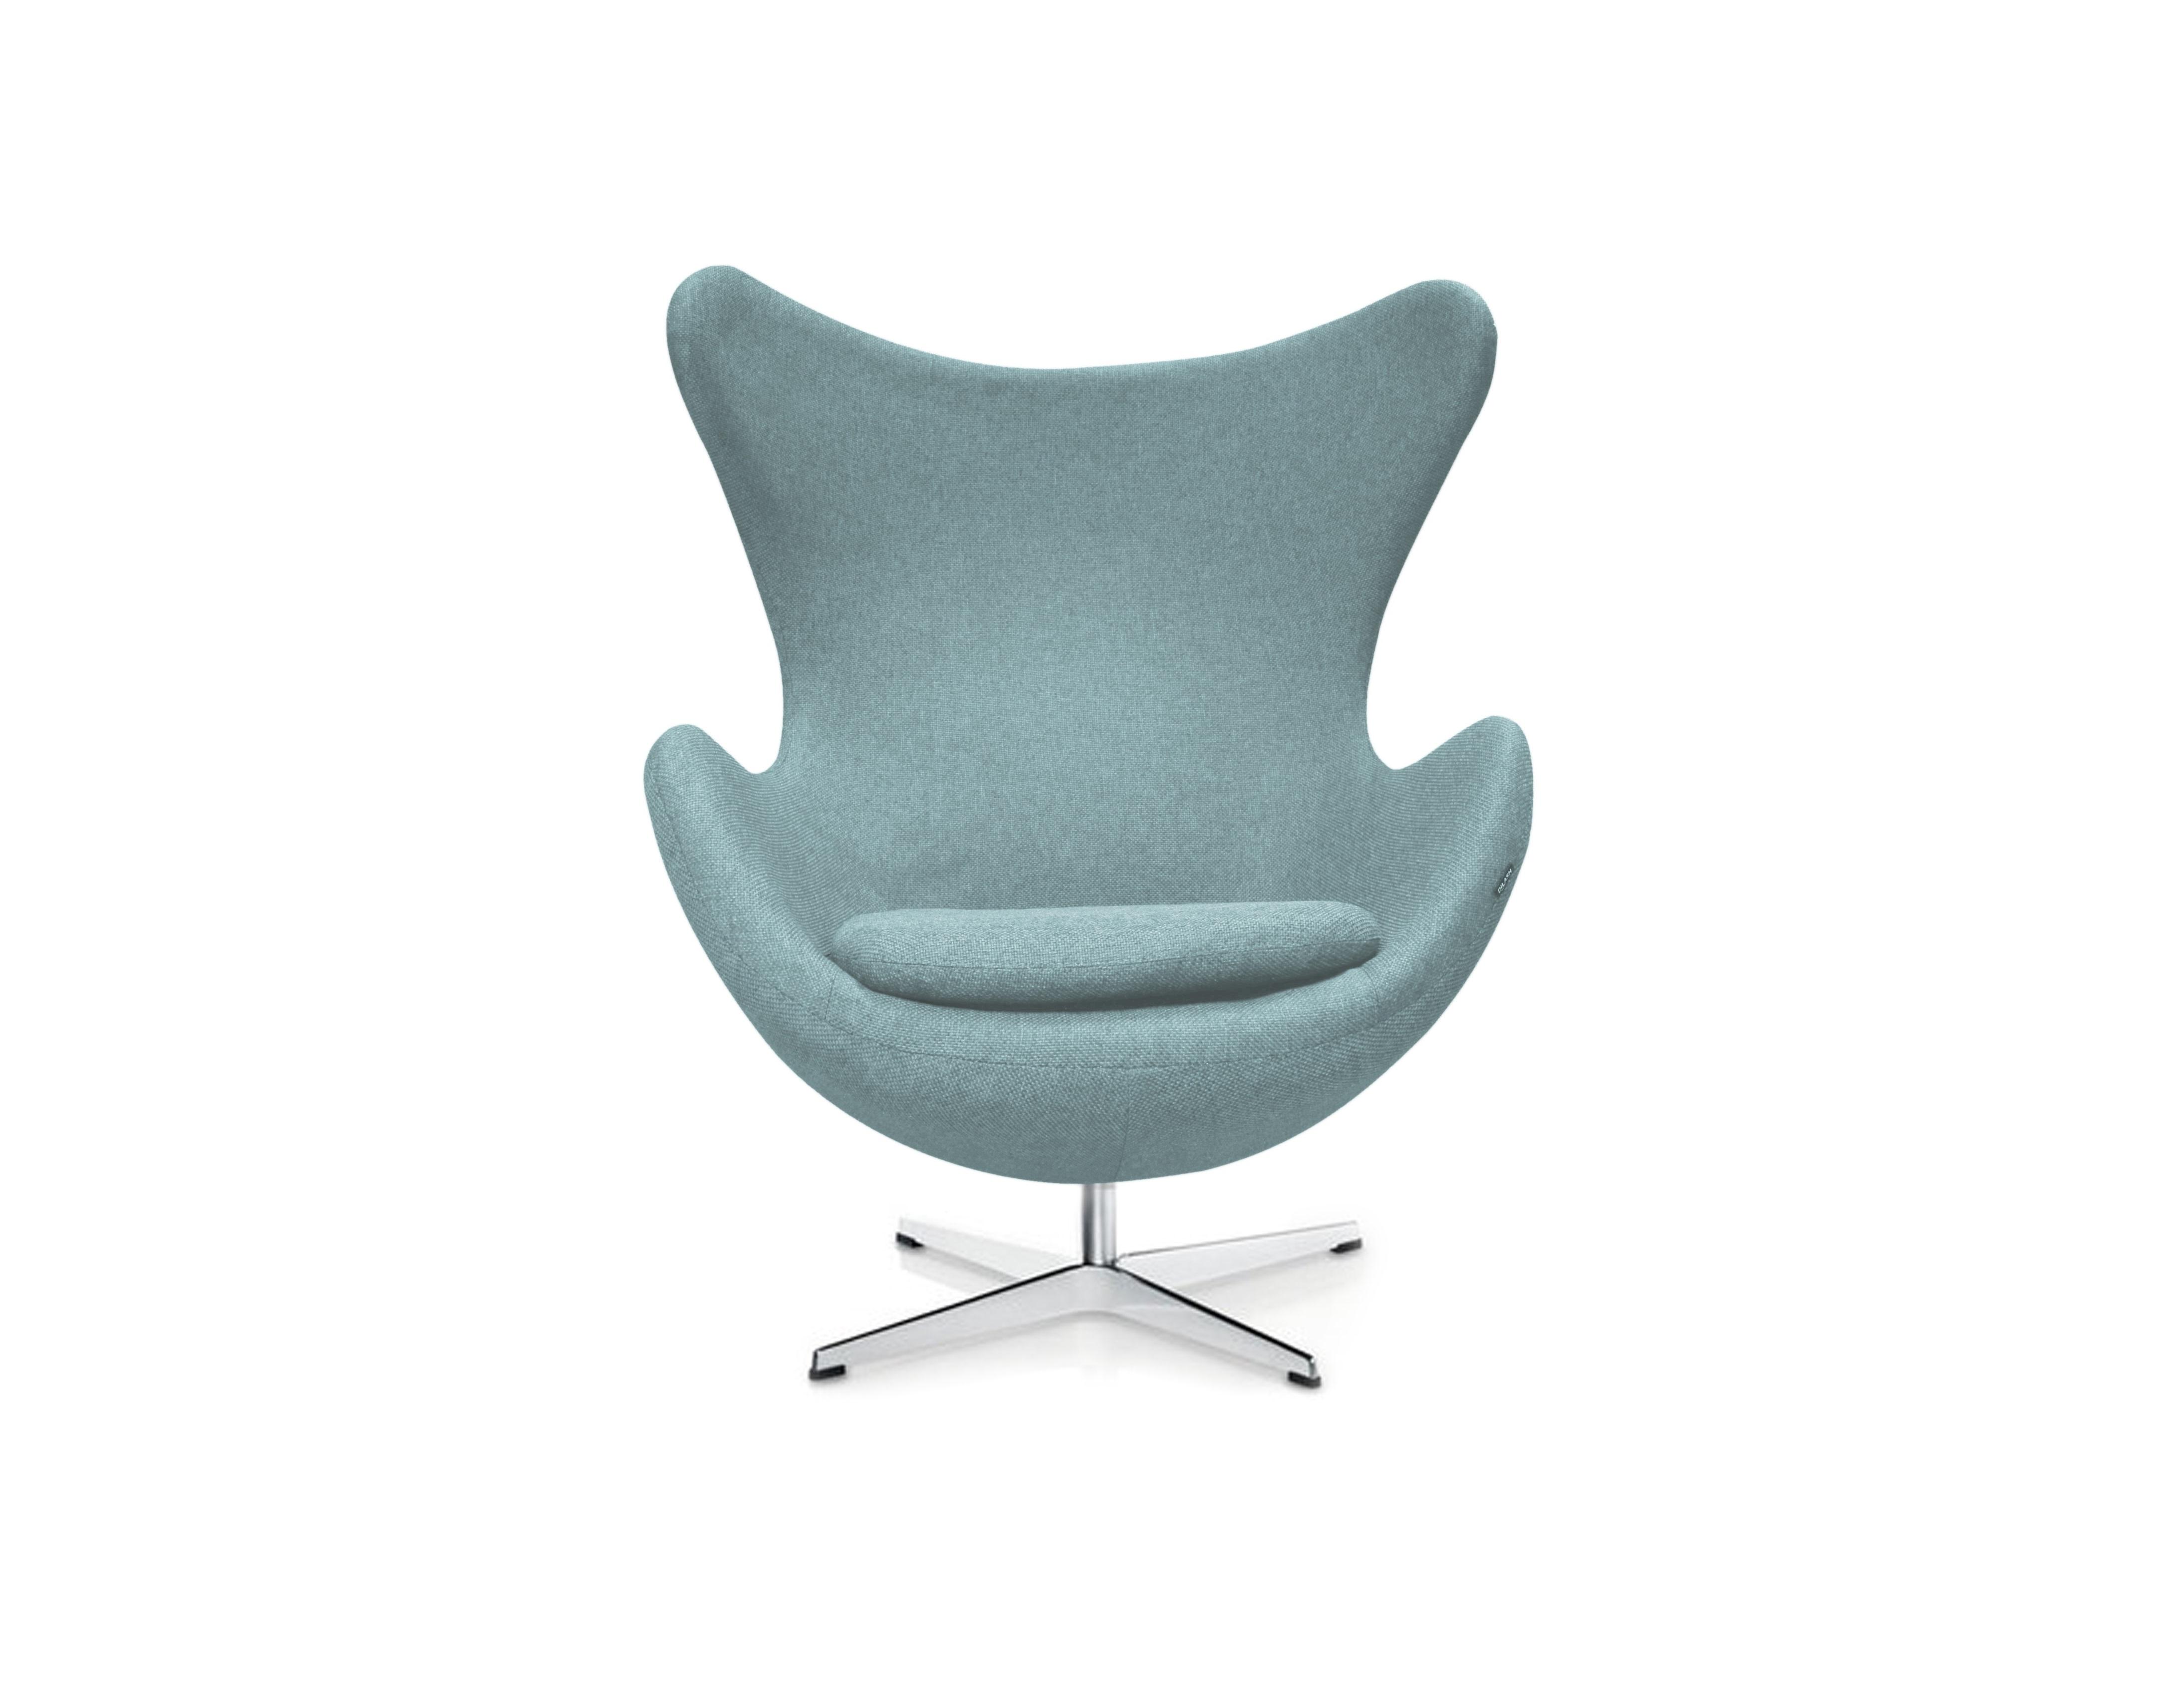 Кресло EggКресла с высокой спинкой<br>Кресло Egg Chair (Яйцо) было создано в 1958 году датским дизайнером Арне Якобсеном специально для интерьеров отеля Radisson SAS в Копенгагене. Кресло обладает исключительной привлекательностью и узнаваемостью во всем мире, занимает особое место в ряду культовой дизайнерской мебели XX века. Оно имеет экстравагантную форму и неординарное исполнение, что позволило ему стать совершенным воплощением классики нового времени. Кресло Egg Chair, выполненное в форме яйца, подарит огромное множество положительных эмоций и заставляет обращать на него внимание. Прочный и массивный каркас из стекловолокна, обтянутый тканью из 100% шерсти, закрепленный на ножке из нержавеющей стали, гарантирует долгий срок службы и устойчивость. Данное кресло — это поистине не стареющая классика в футуристическом исполнении!<br><br>Material: Шерсть<br>Length см: None<br>Width см: 82<br>Depth см: 76<br>Height см: 105